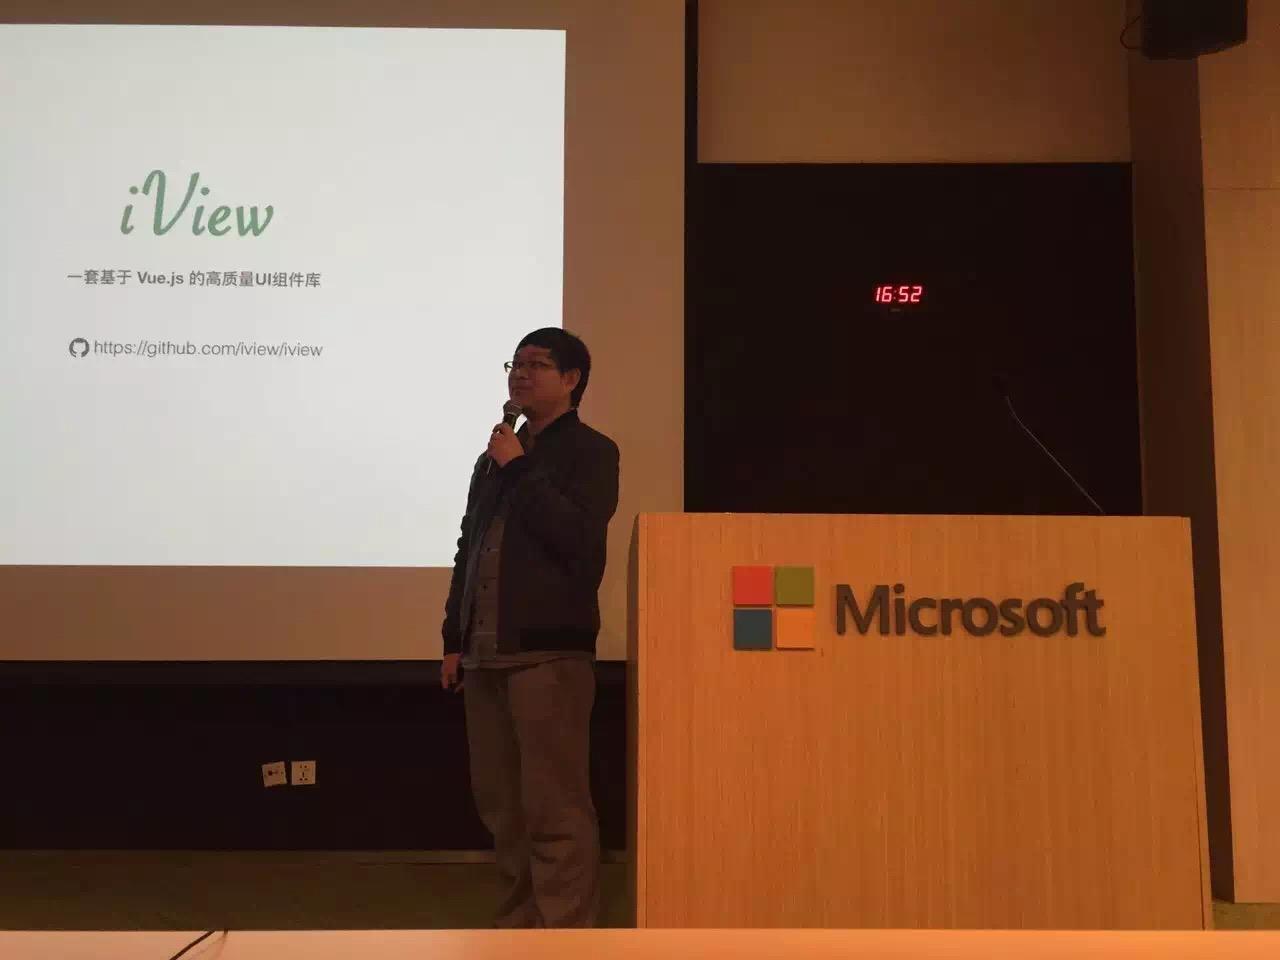 Vue高效UI组件库—iView开发实践